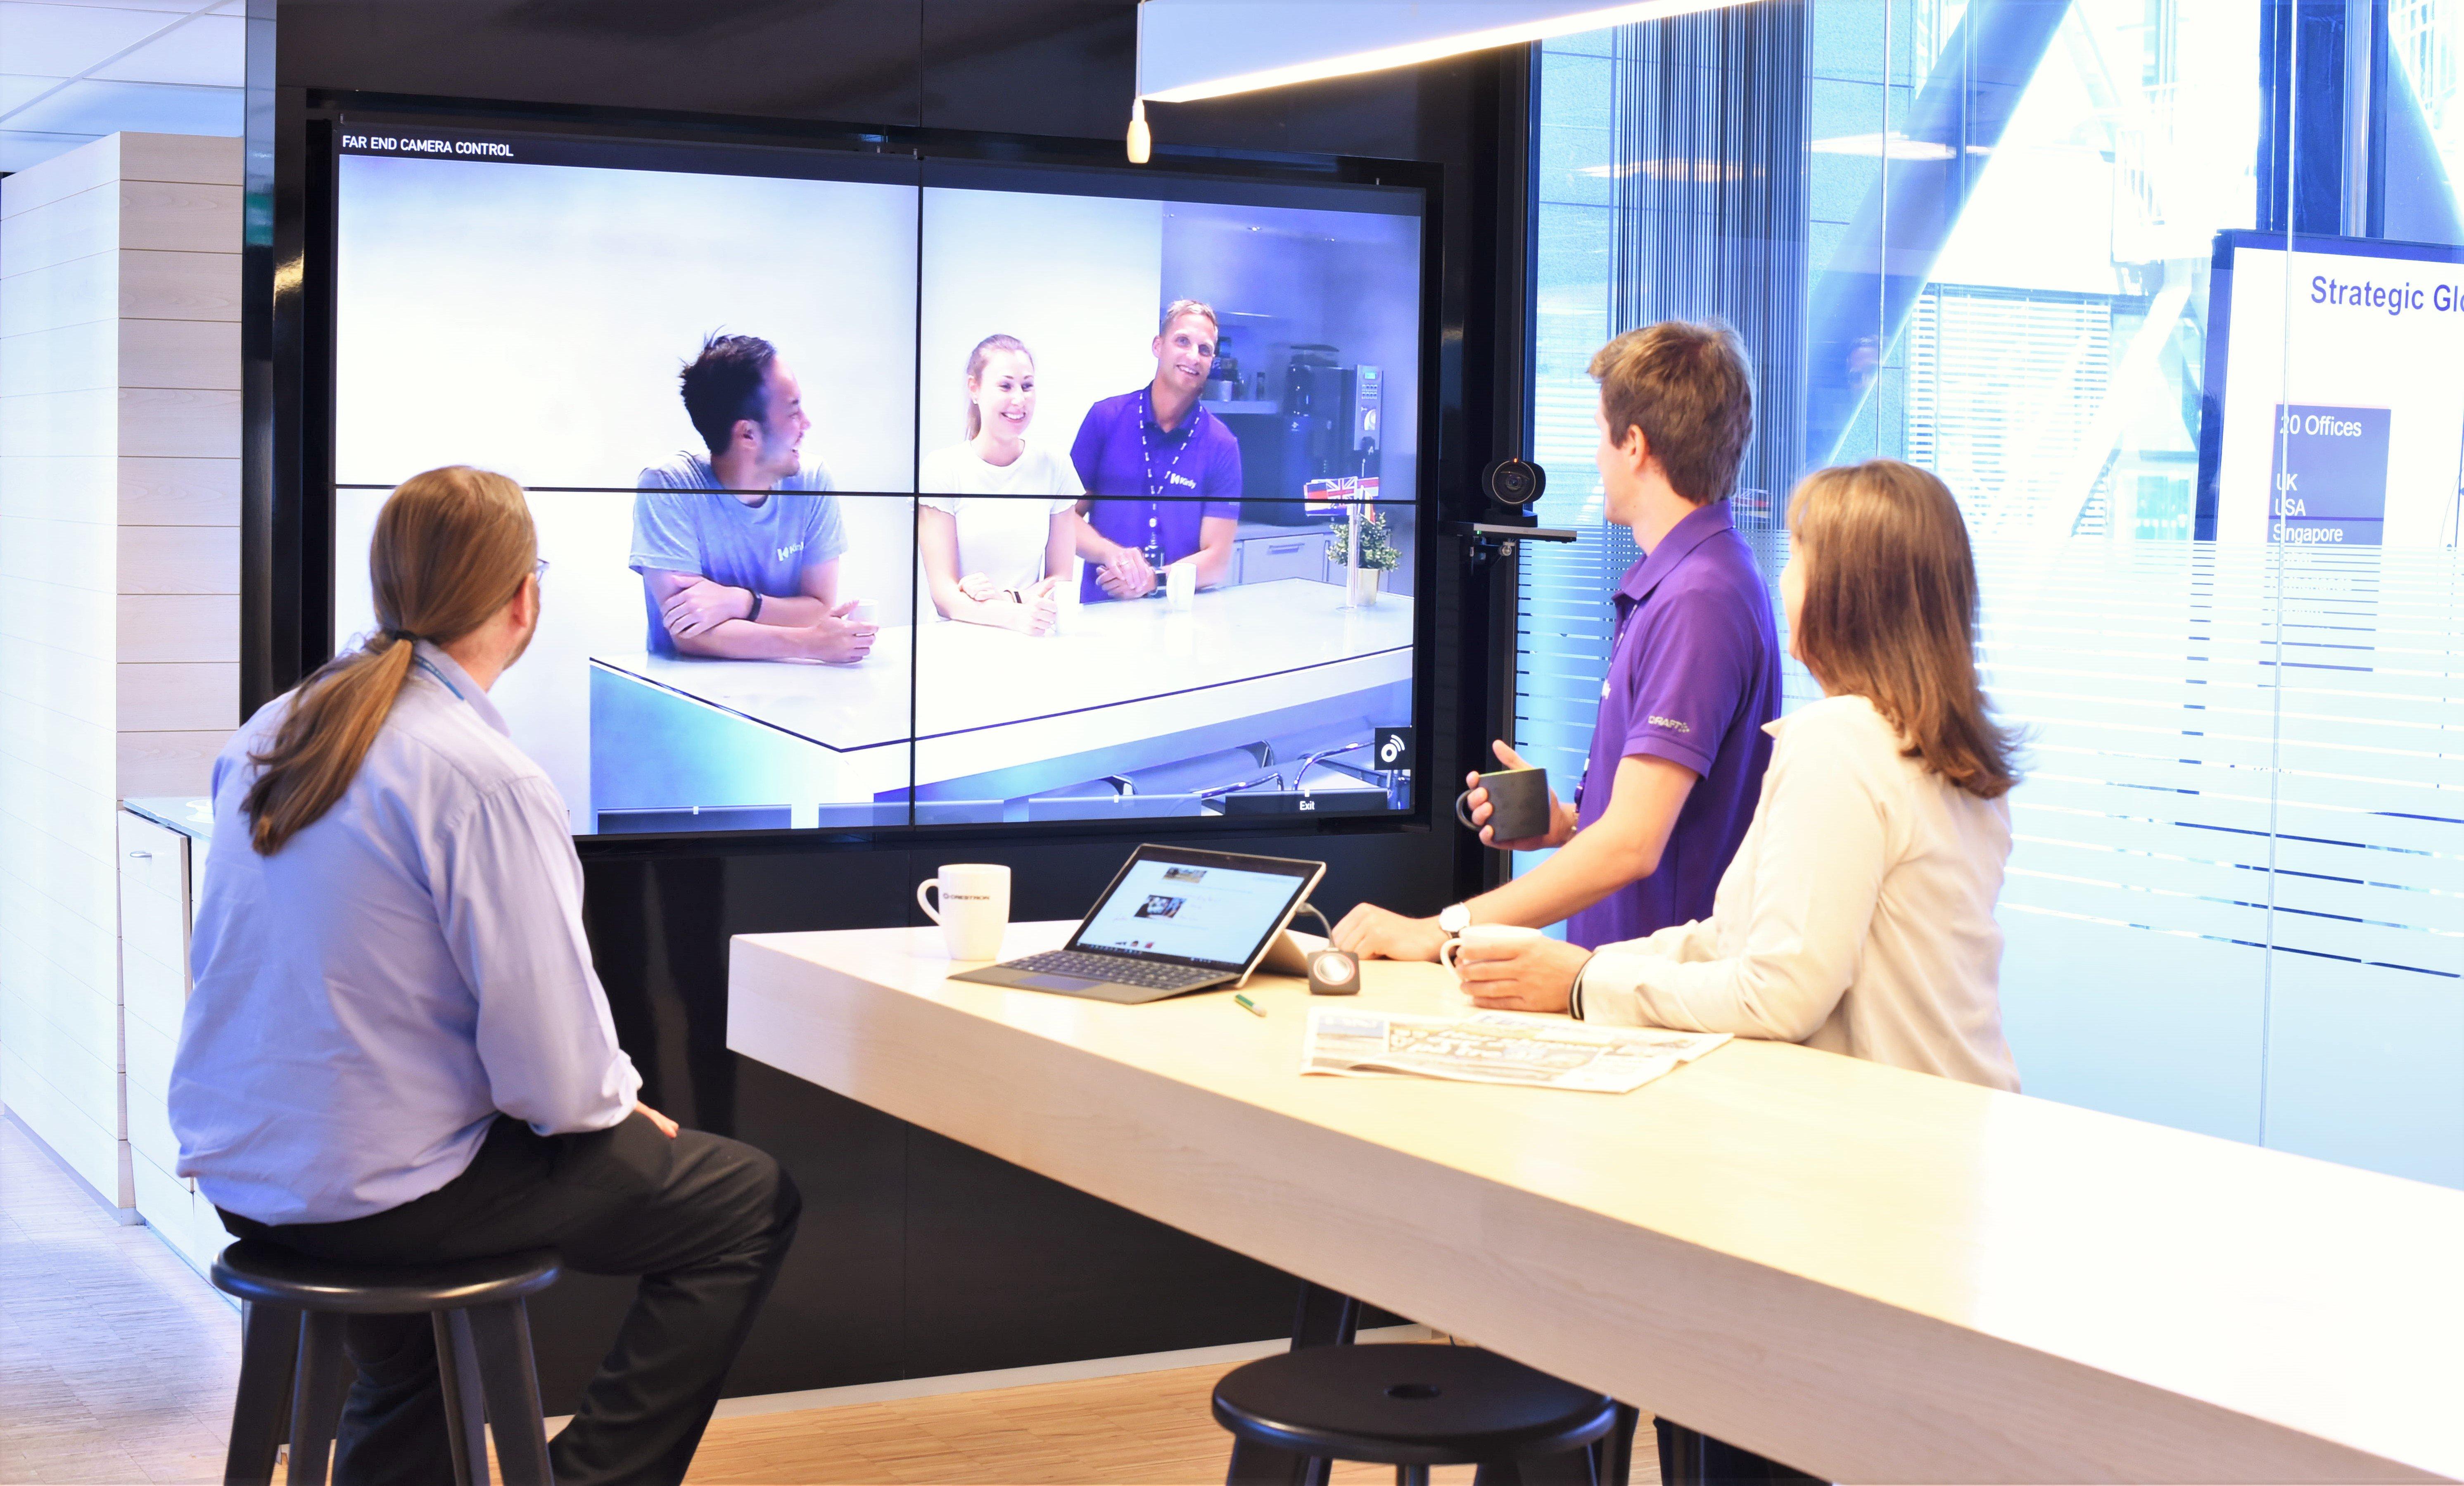 Waarom zowel de virtuele als fysieke werkplek nodig is om de best mogelijke werkervaring te creëren